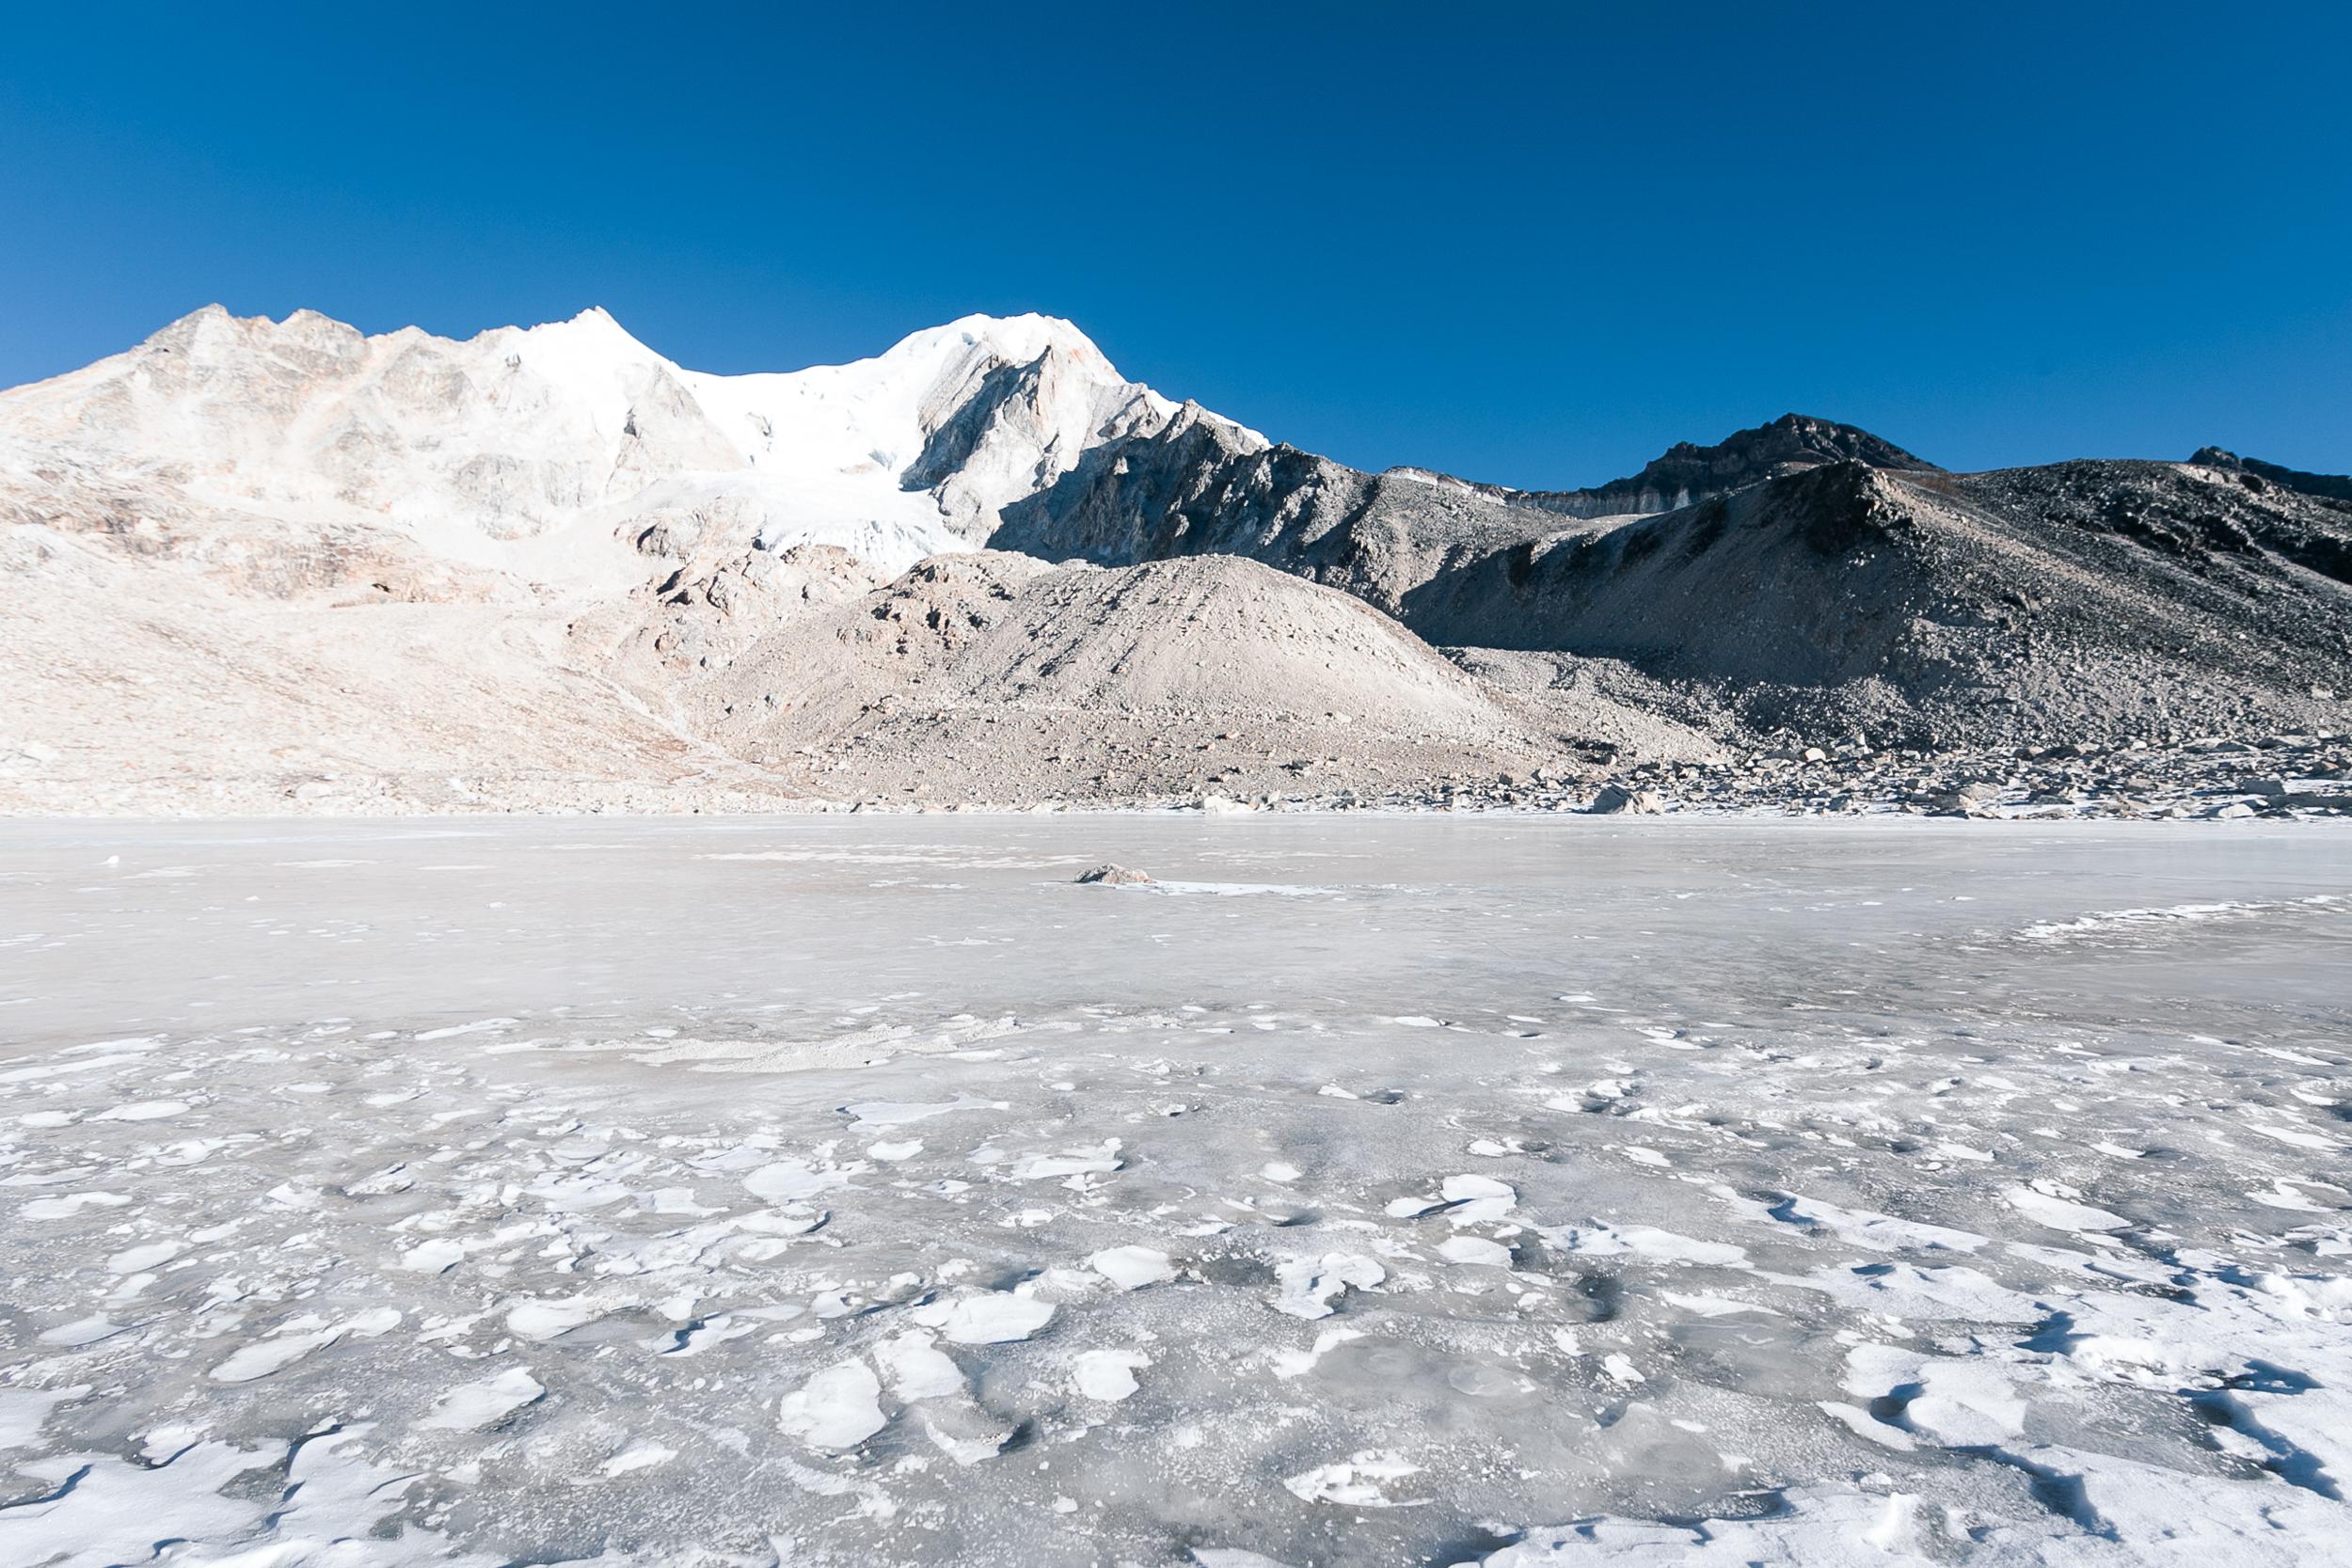 The treacherous frozen lakes to navigate through.